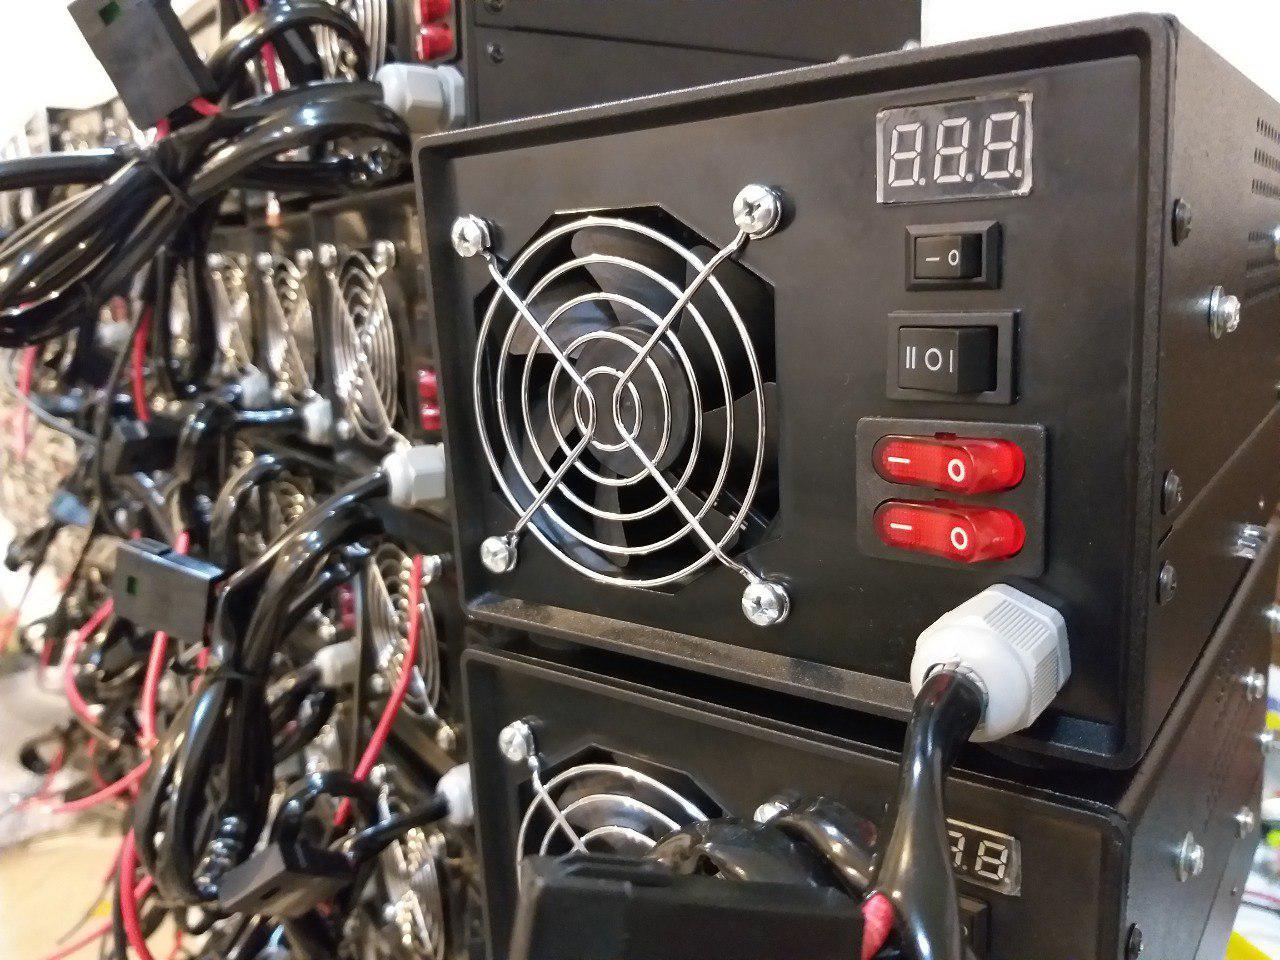 دستگاه گرم کننده تابشی کابین خودرو